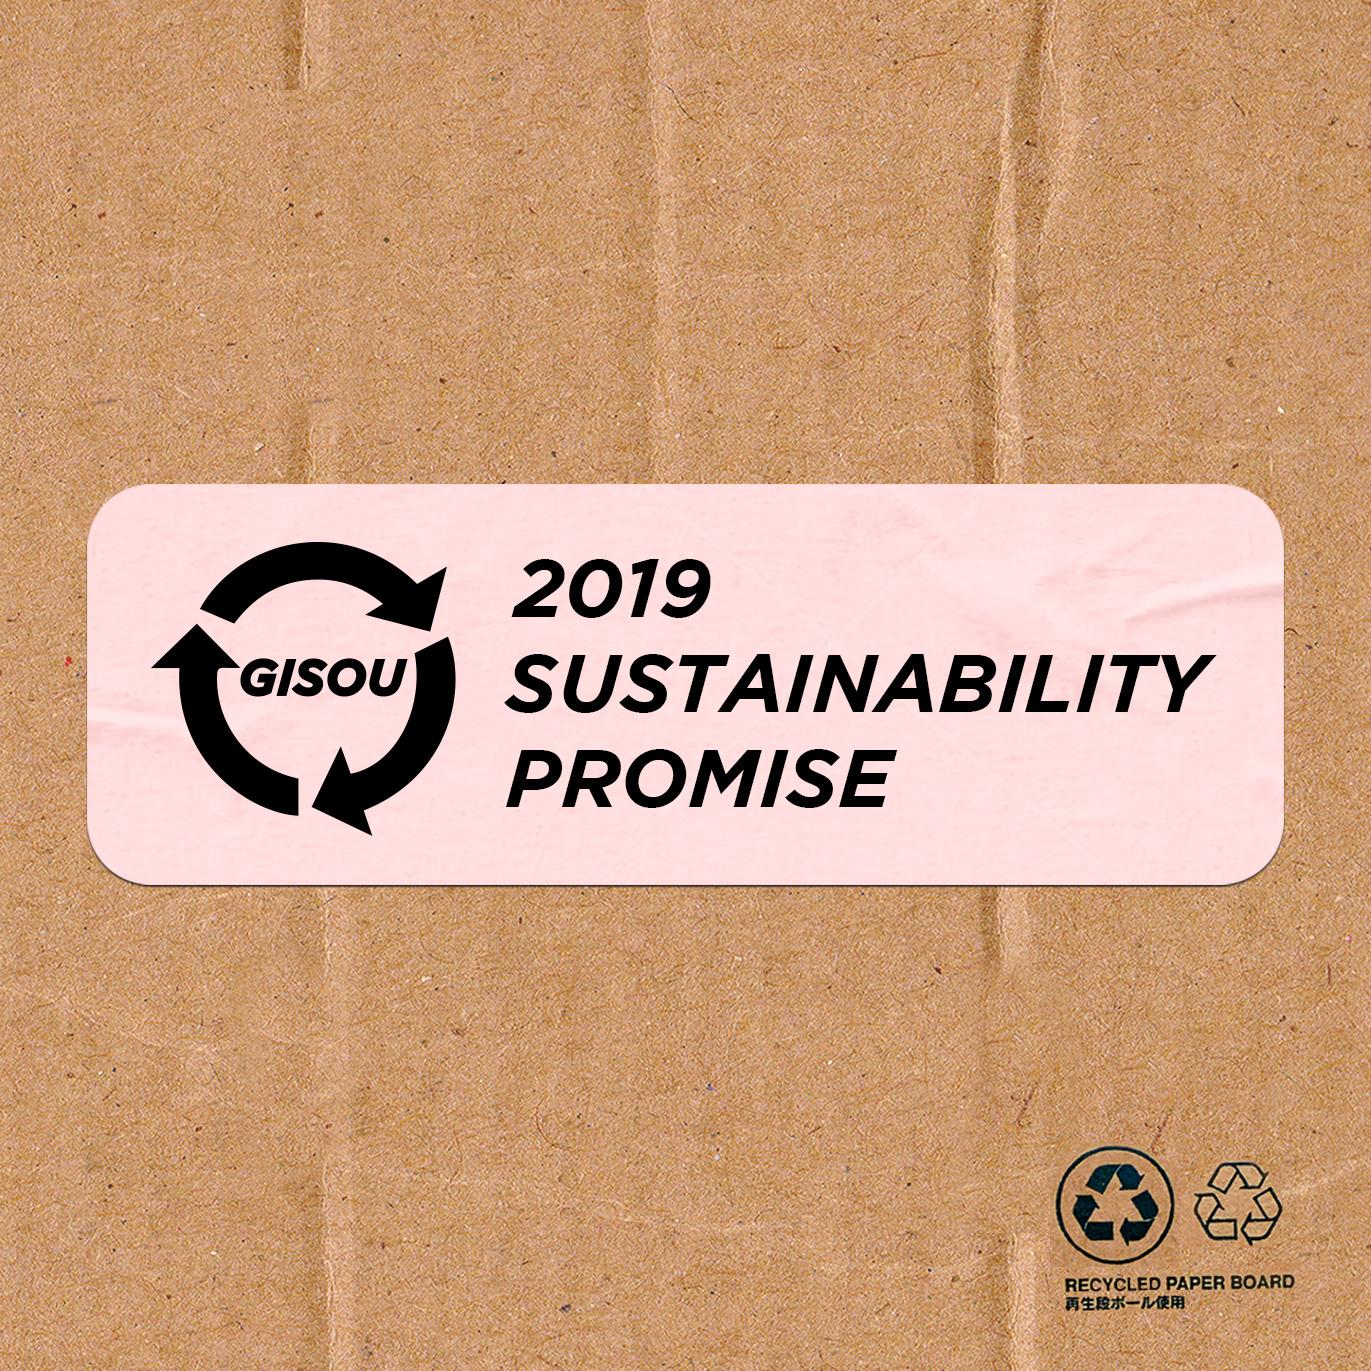 SUSTAINABILITY PROMISE 2019